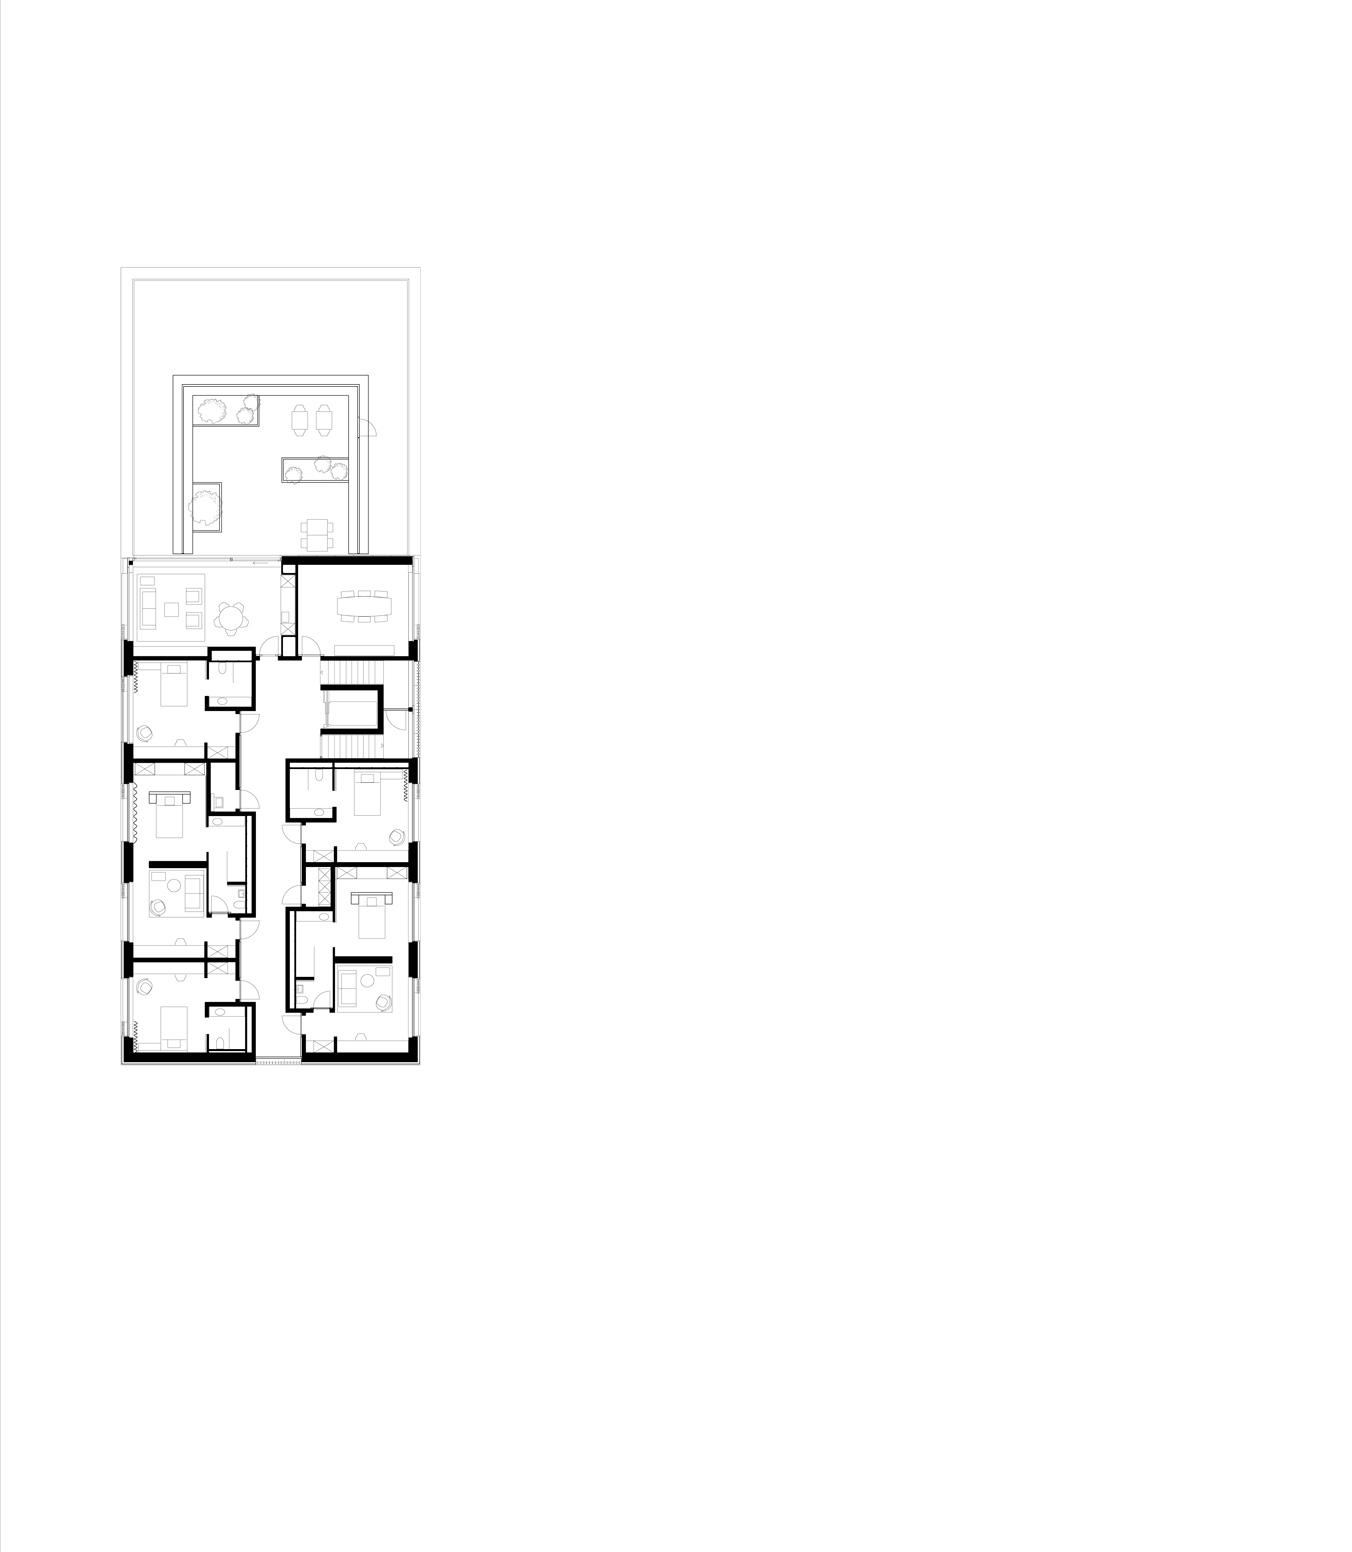 03 Dachgeschoss